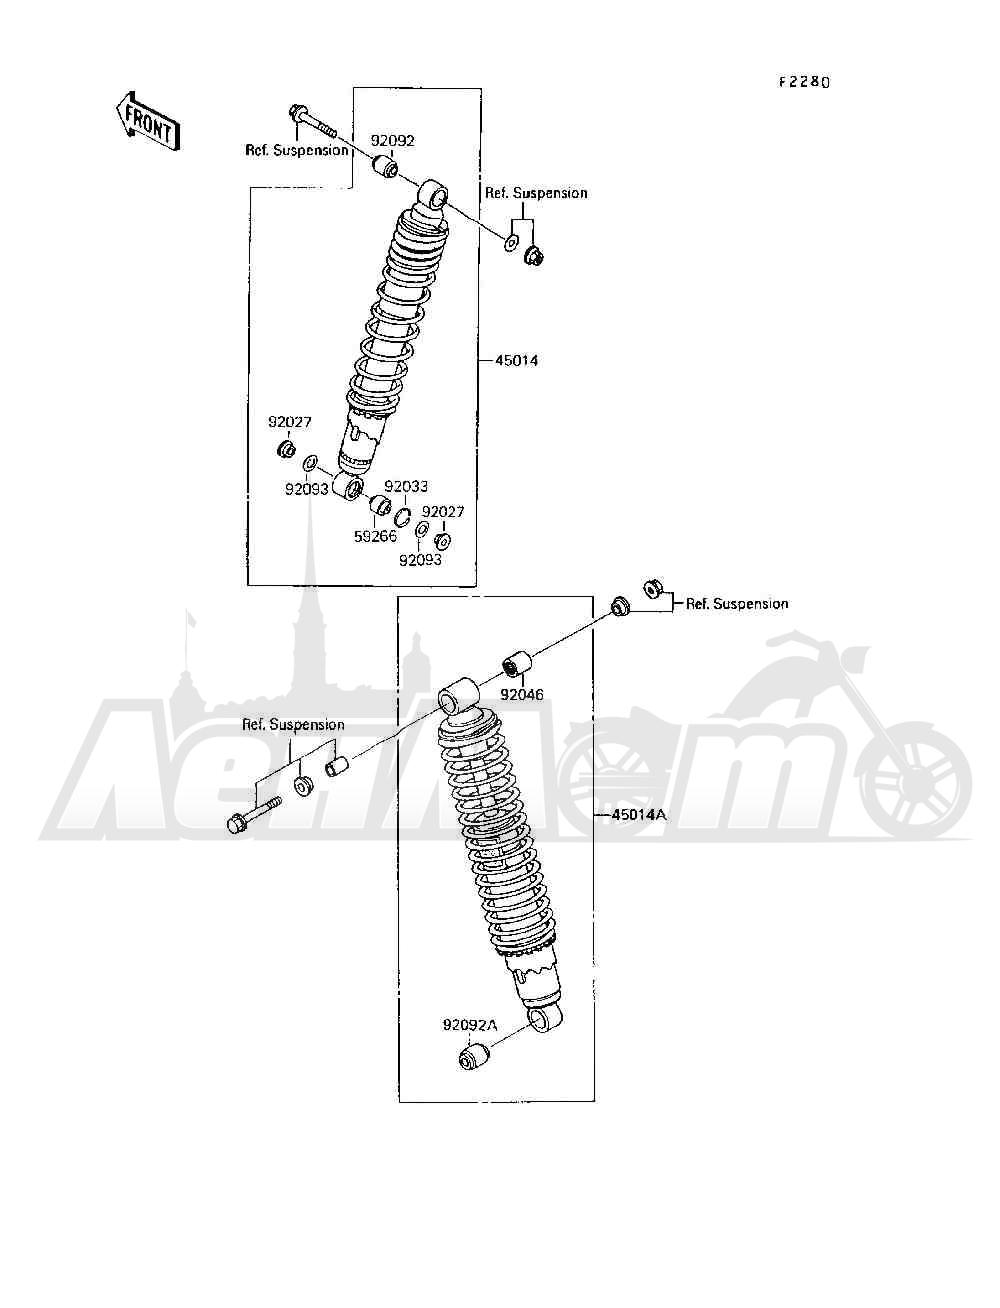 Запчасти для Квадроцикла Kawasaki 1994 MOJAVE 250 (KSF250-A8) Раздел: SHOCK ABSORBER(S) | амортизатор (S)